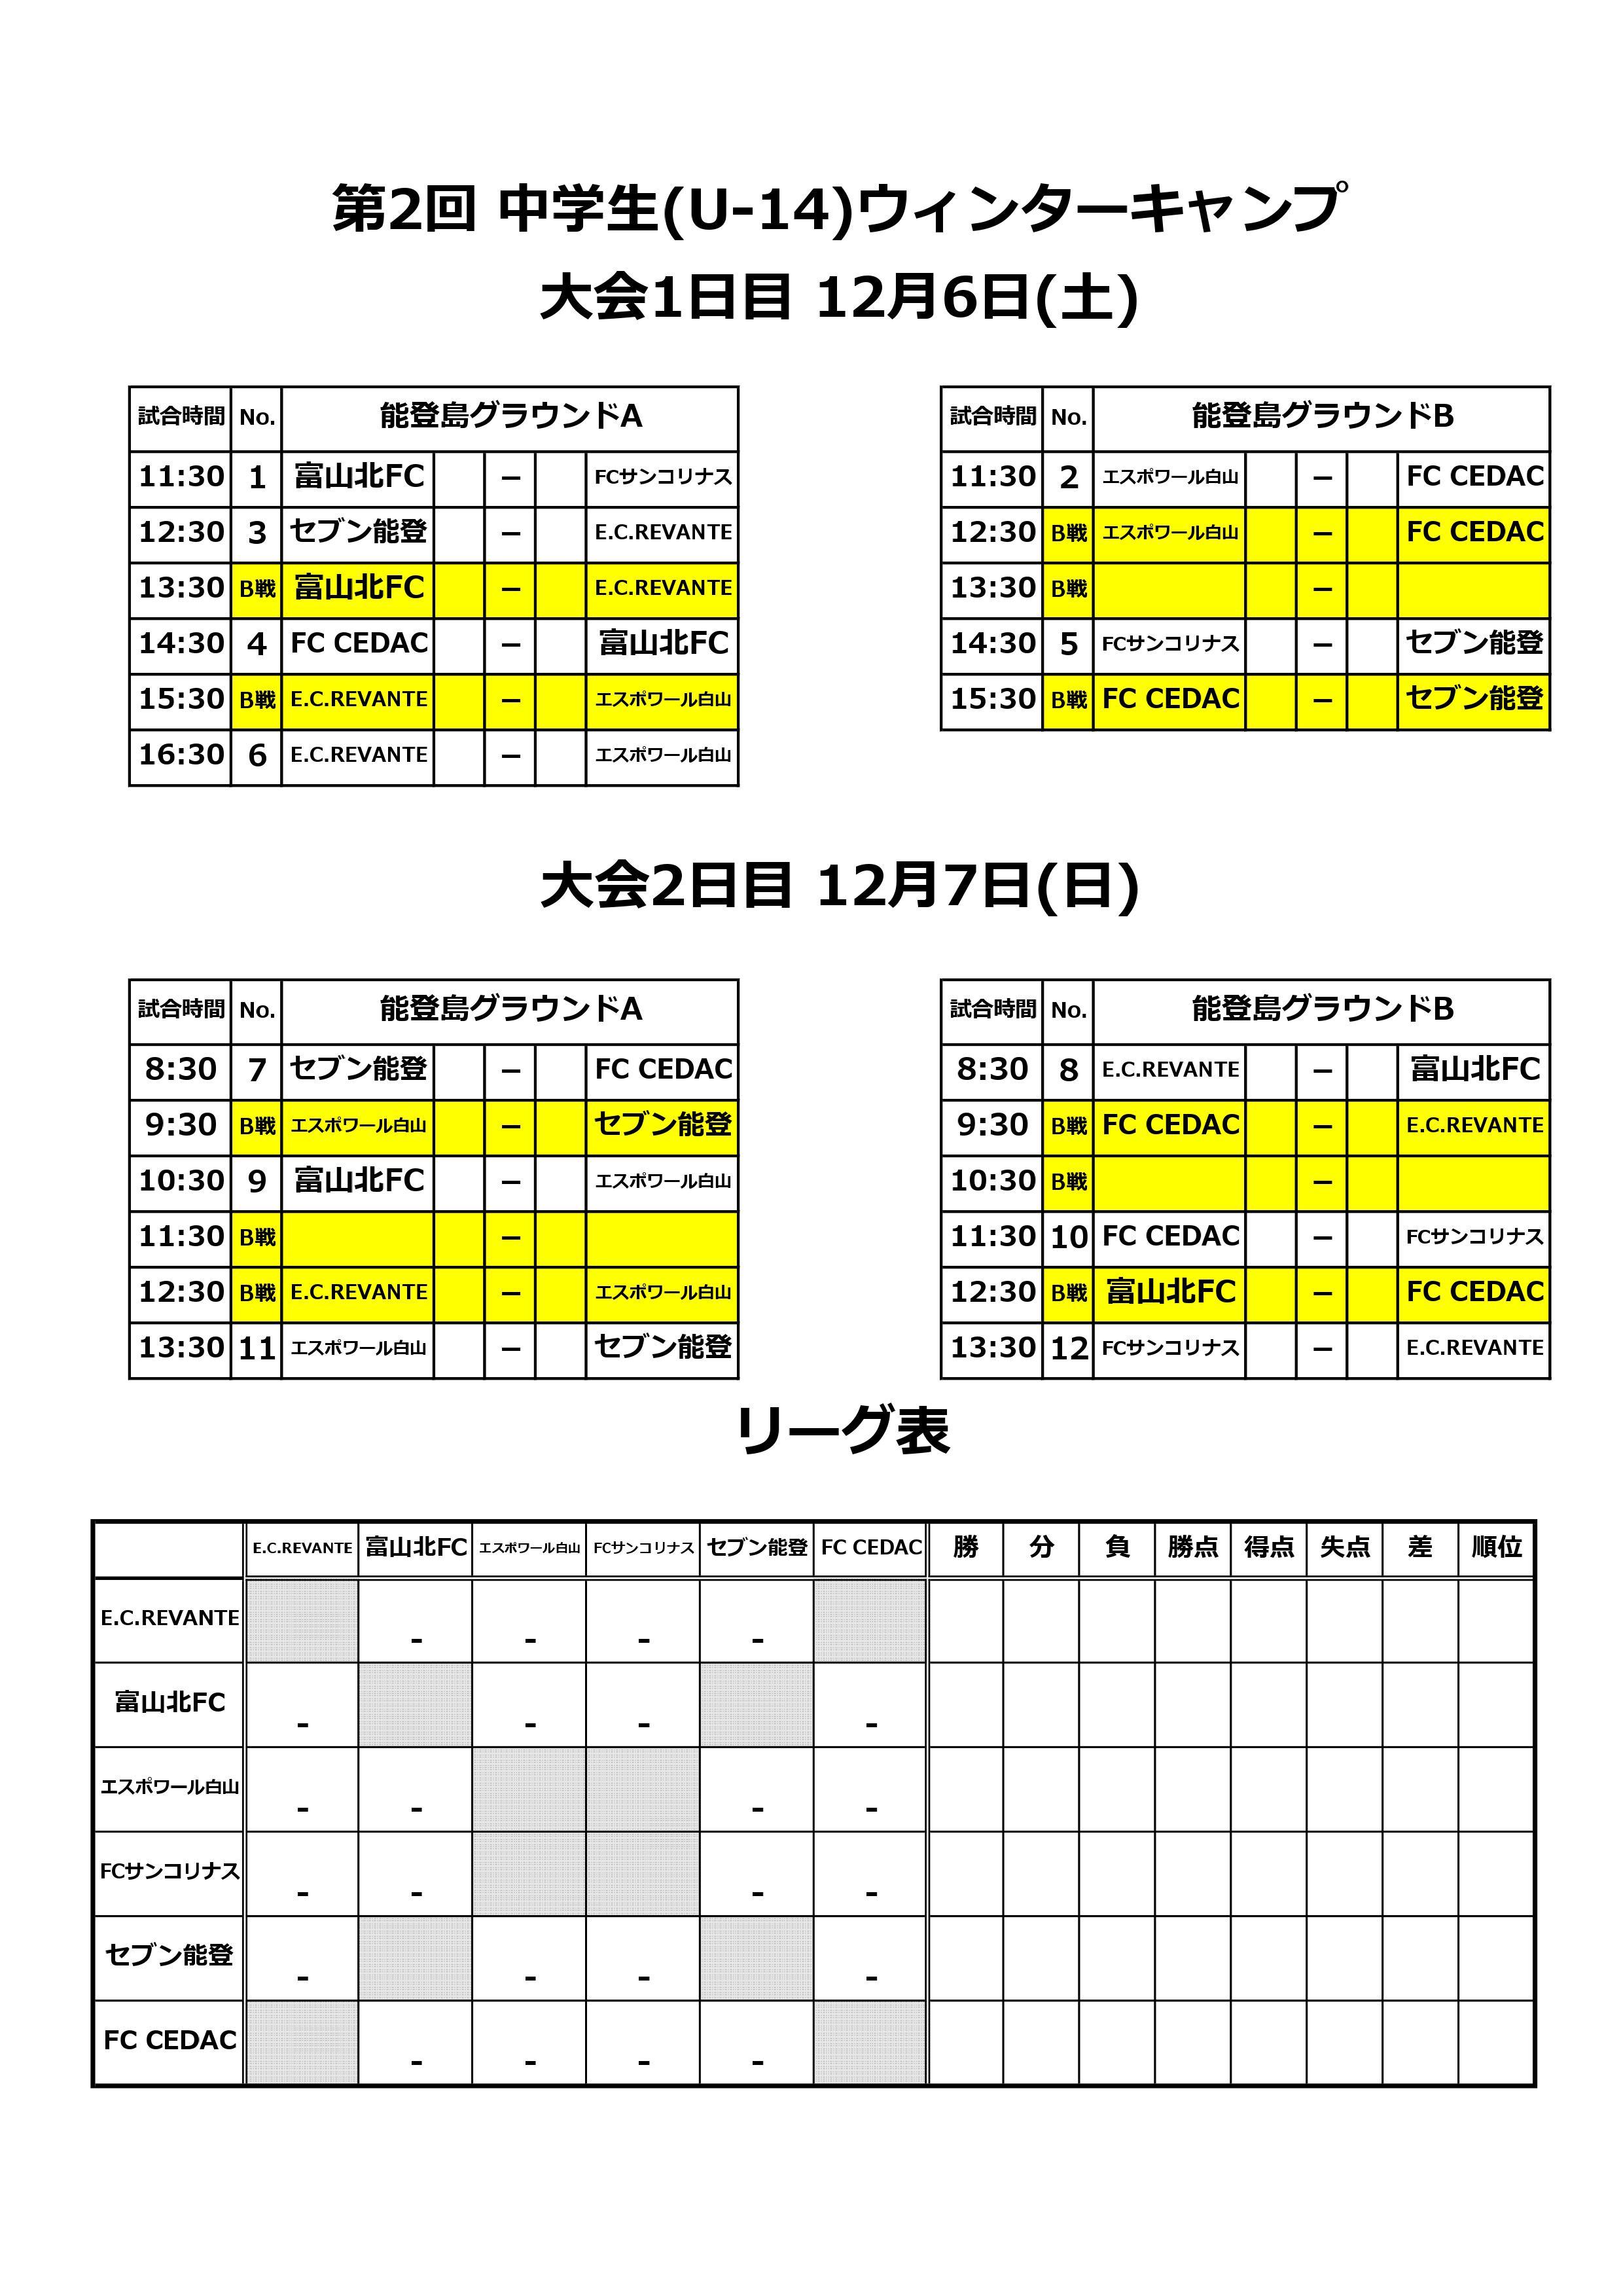 第2回 中学生(U-14)ウィンターキャンプ【日程表】